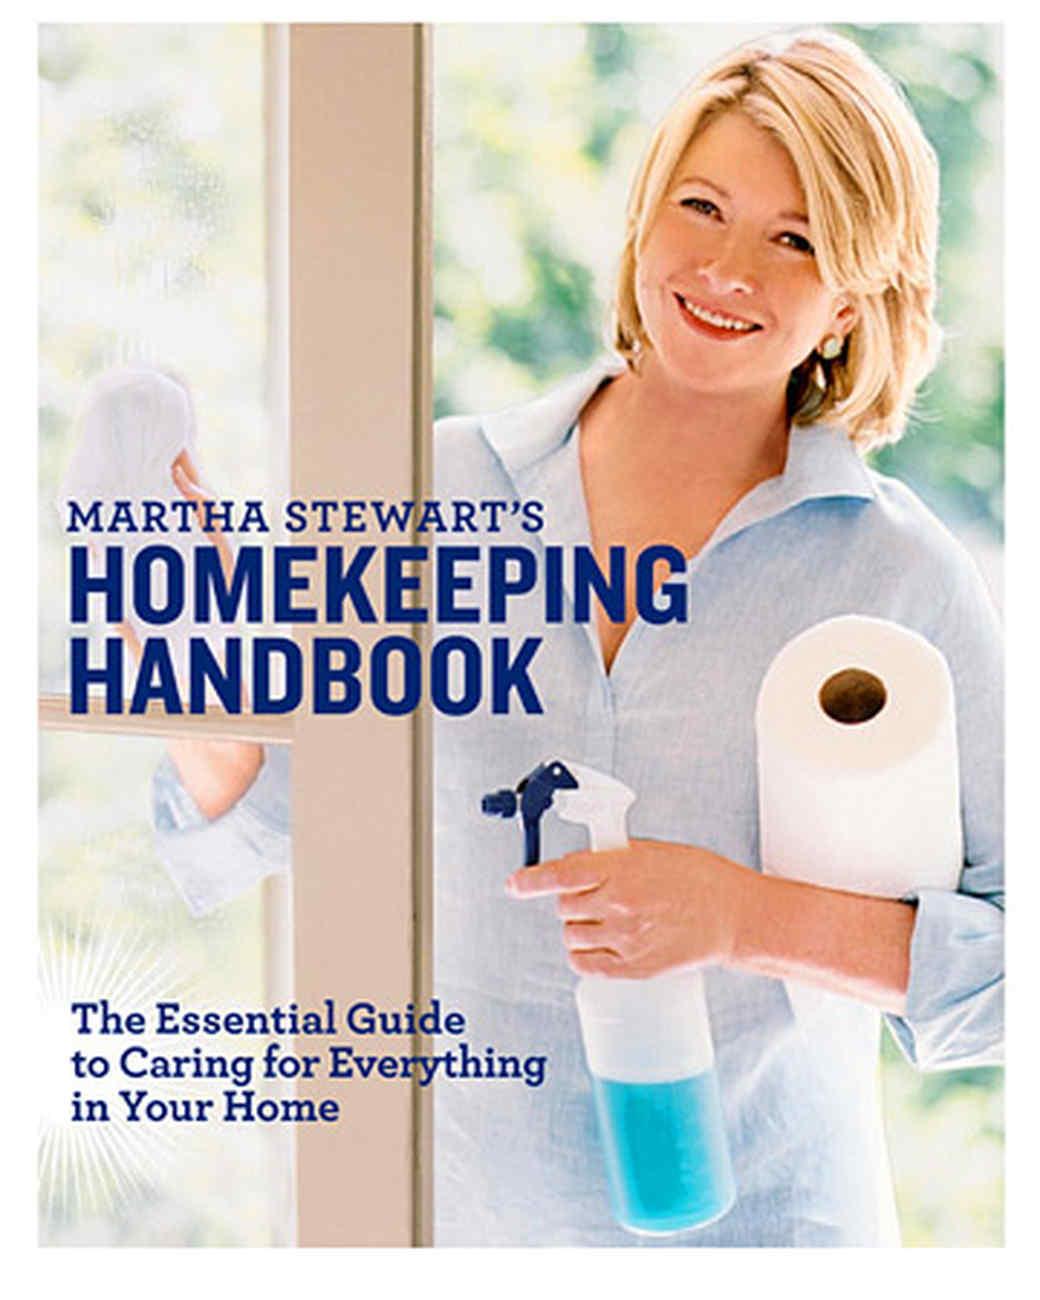 homekeeping_handbook_cover.jpg